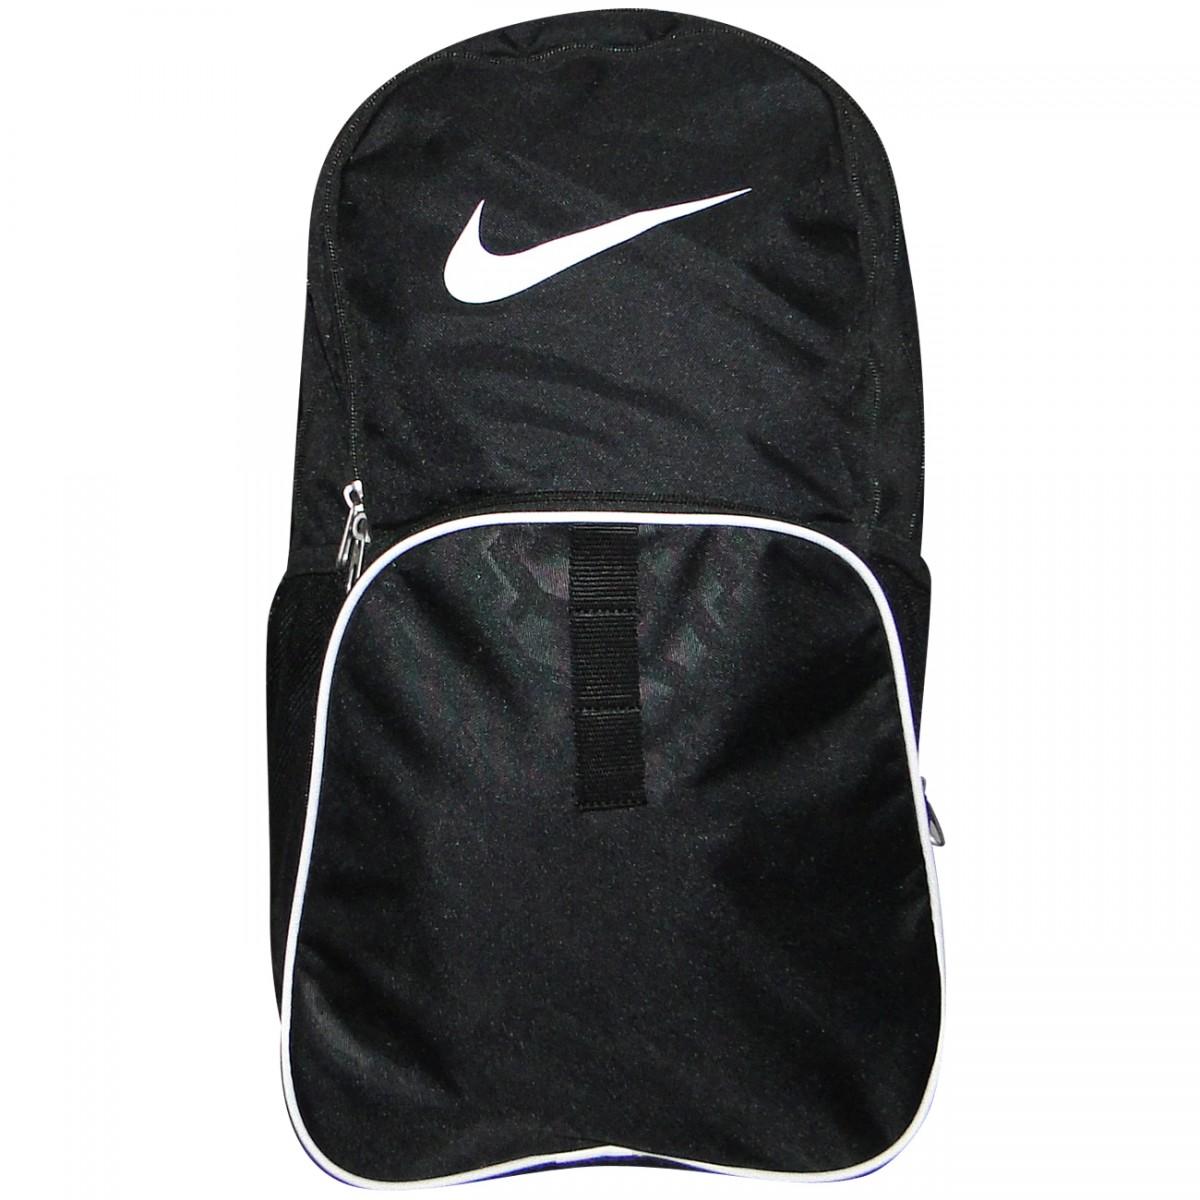 fc68211d6 Mochila Nike BA4718 BA4718 001 - Preto/Branco - Chuteira Nike, Adidas.  Sandalias Femininas. Sandy Calçados